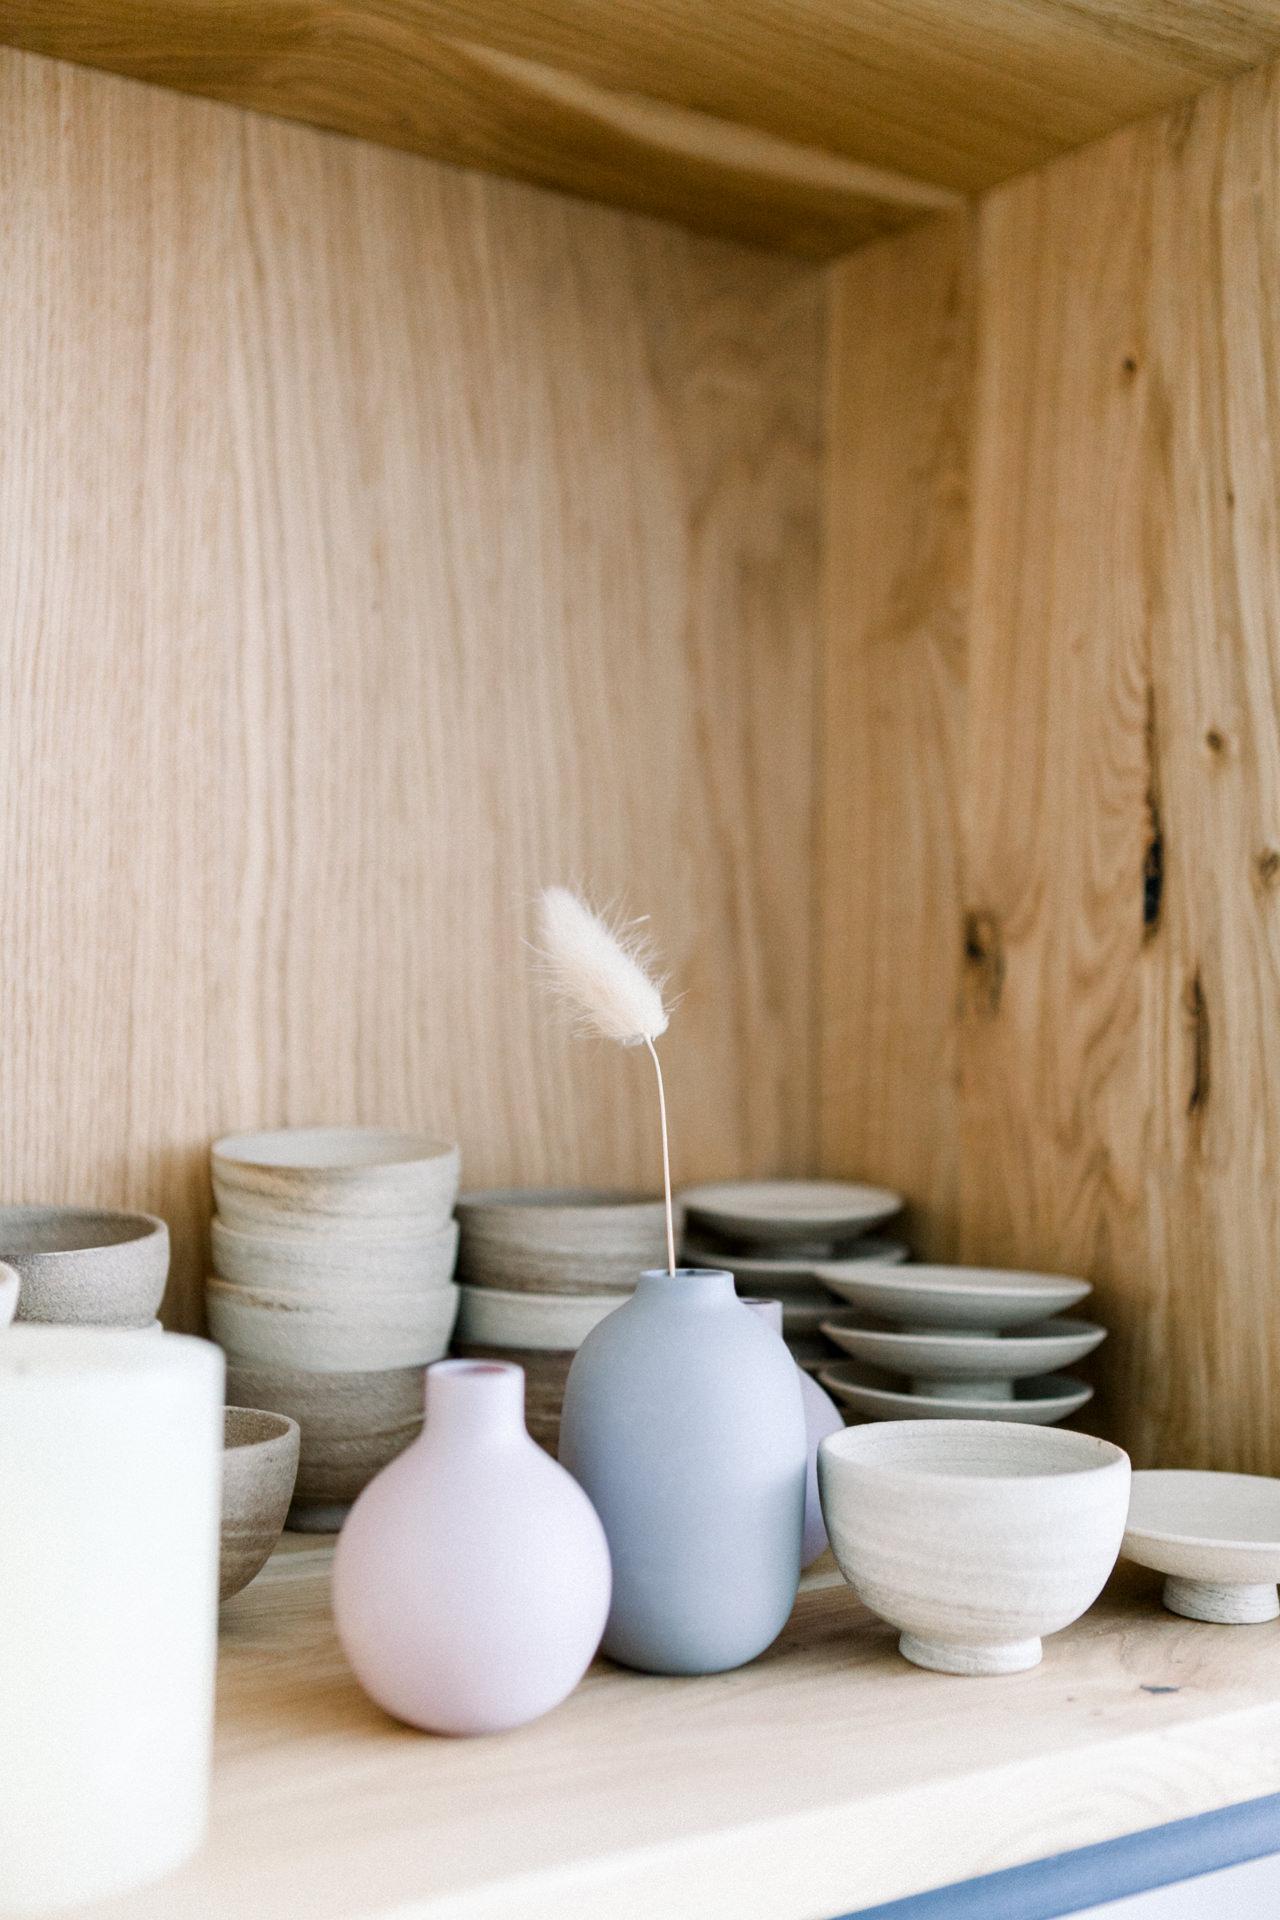 sklepy z naczyniami dla florystów, jysk, ikea, artpol